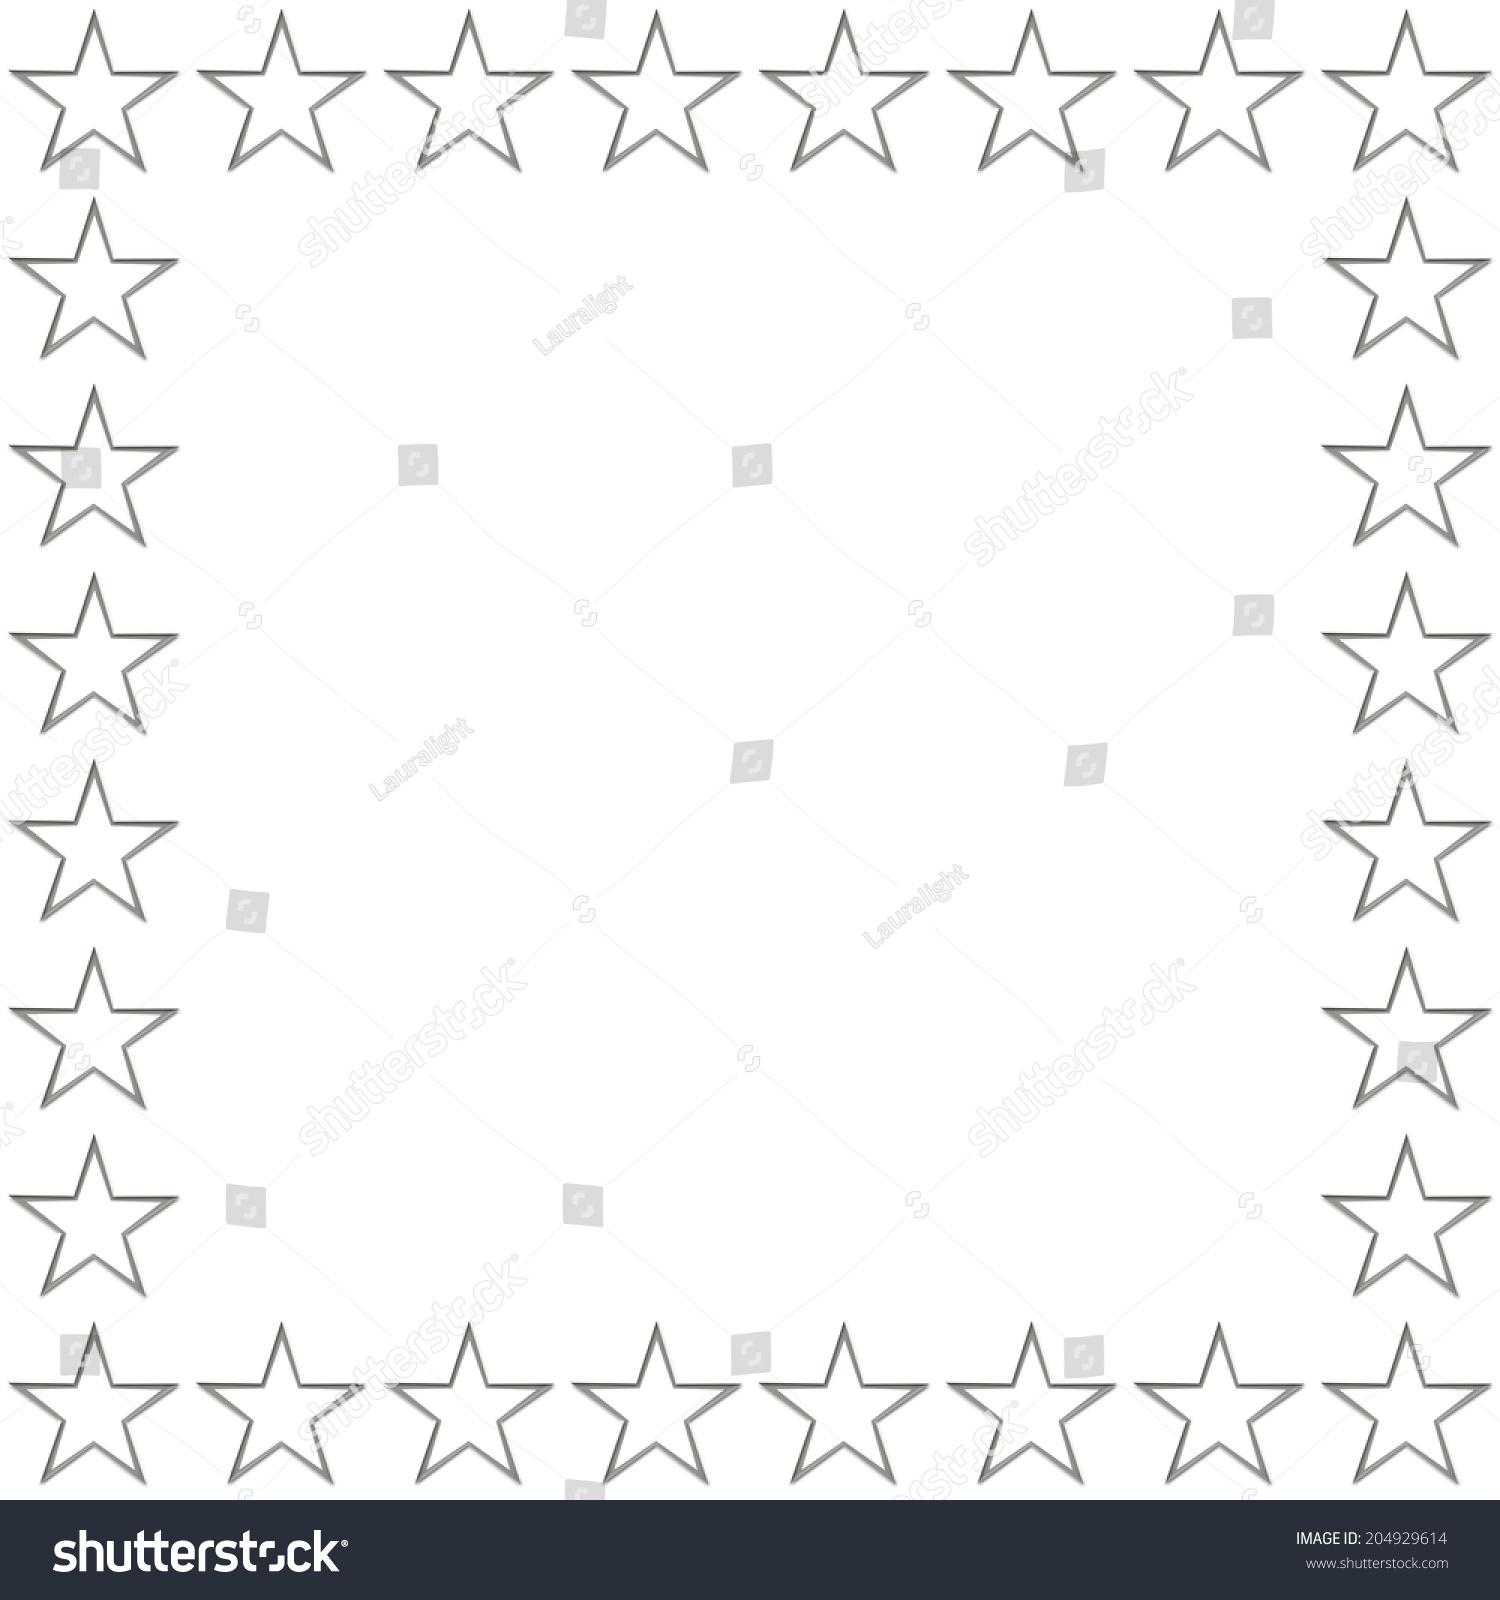 Gray Star Outlines Frame Around White Stock Illustration 204929614 ...